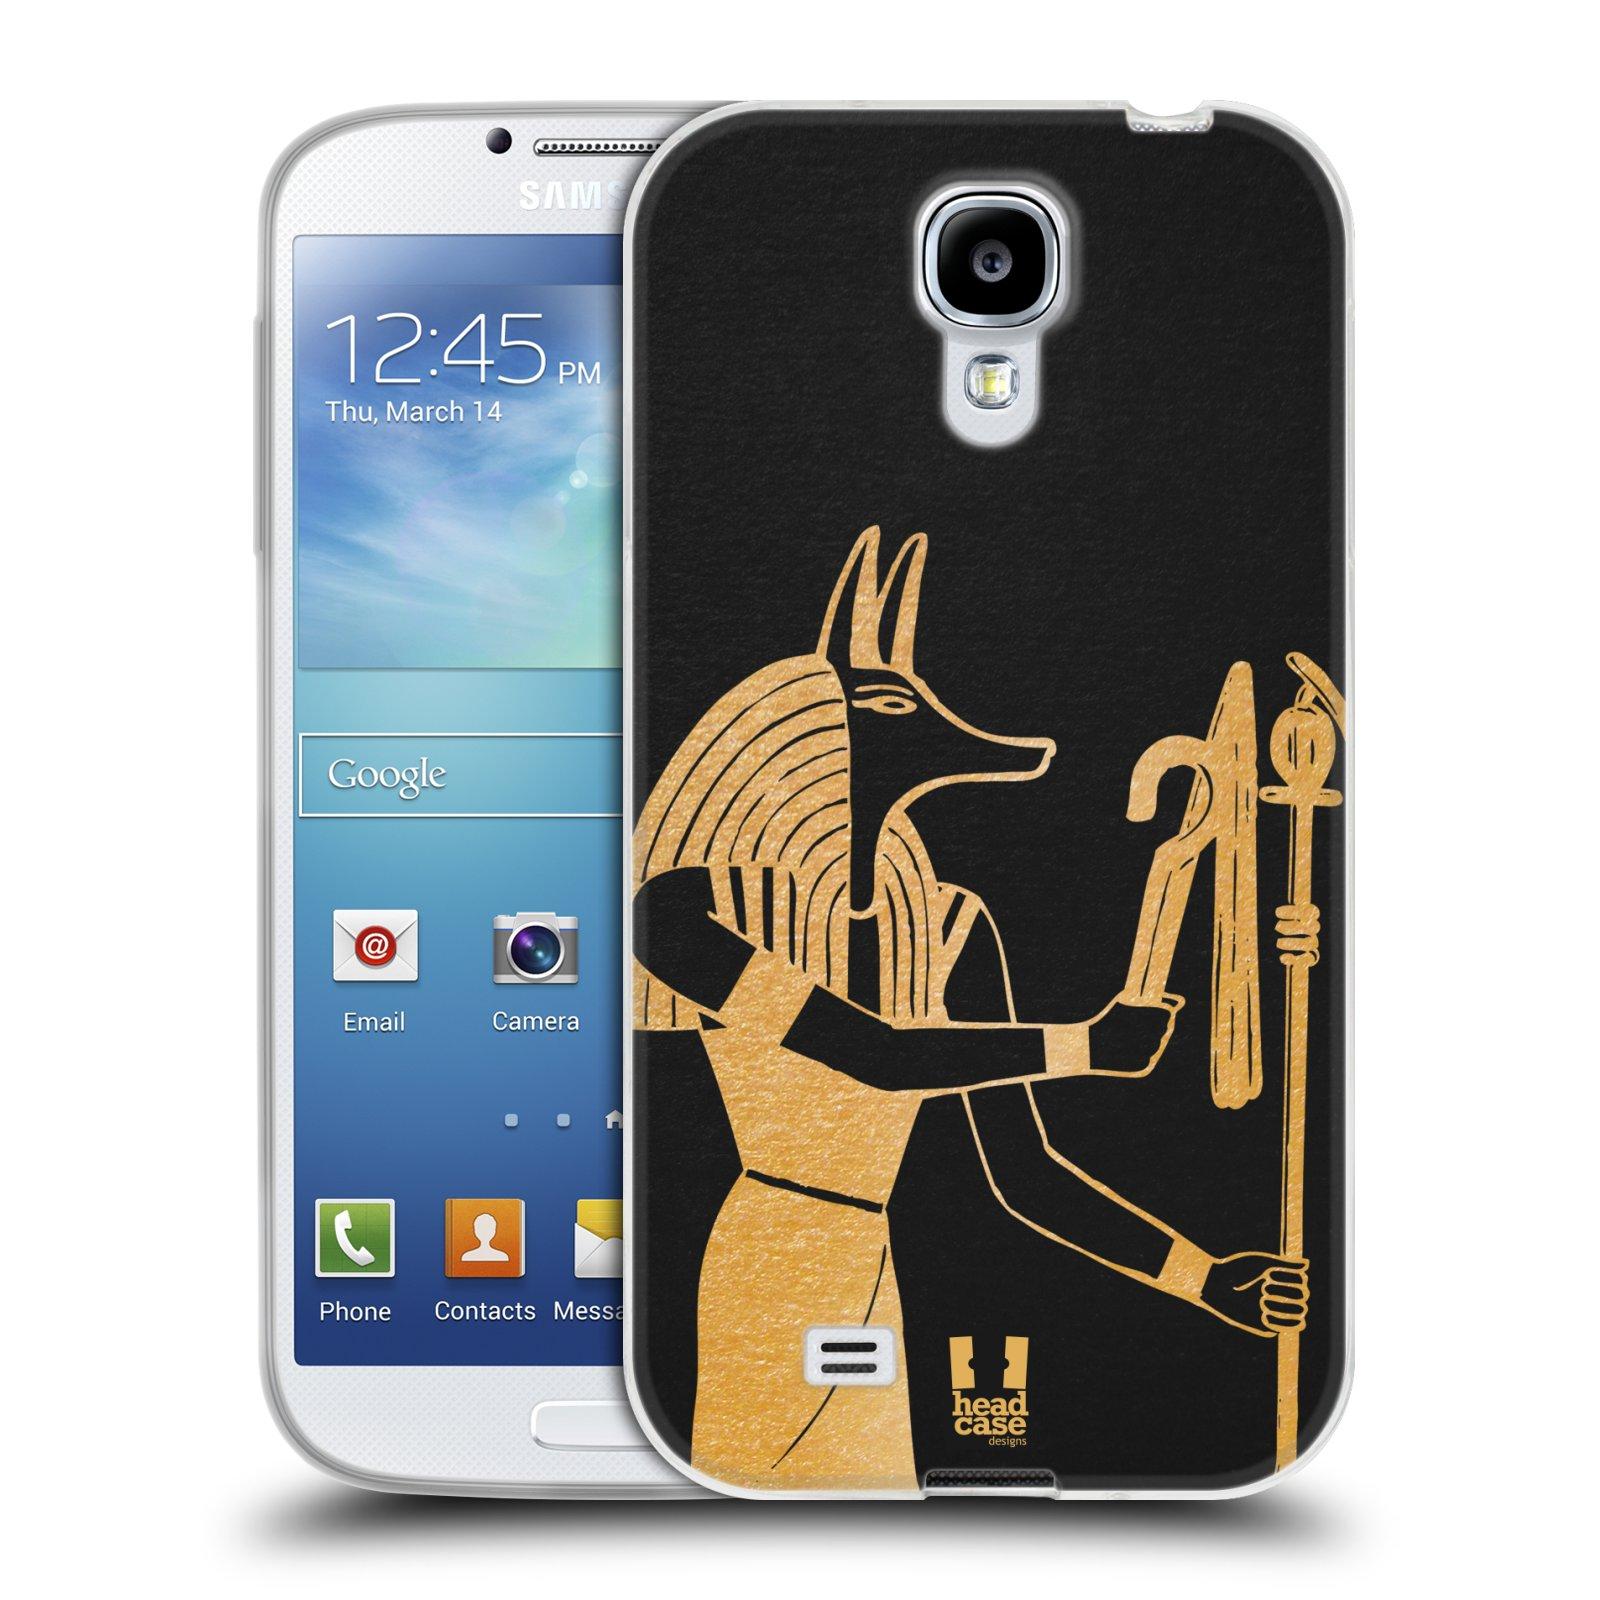 Silikonové pouzdro na mobil Samsung Galaxy S4 HEAD CASE EGYPT ANUBIS (Silikonový kryt či obal na mobilní telefon Samsung Galaxy S4 GT-i9505 / i9500)